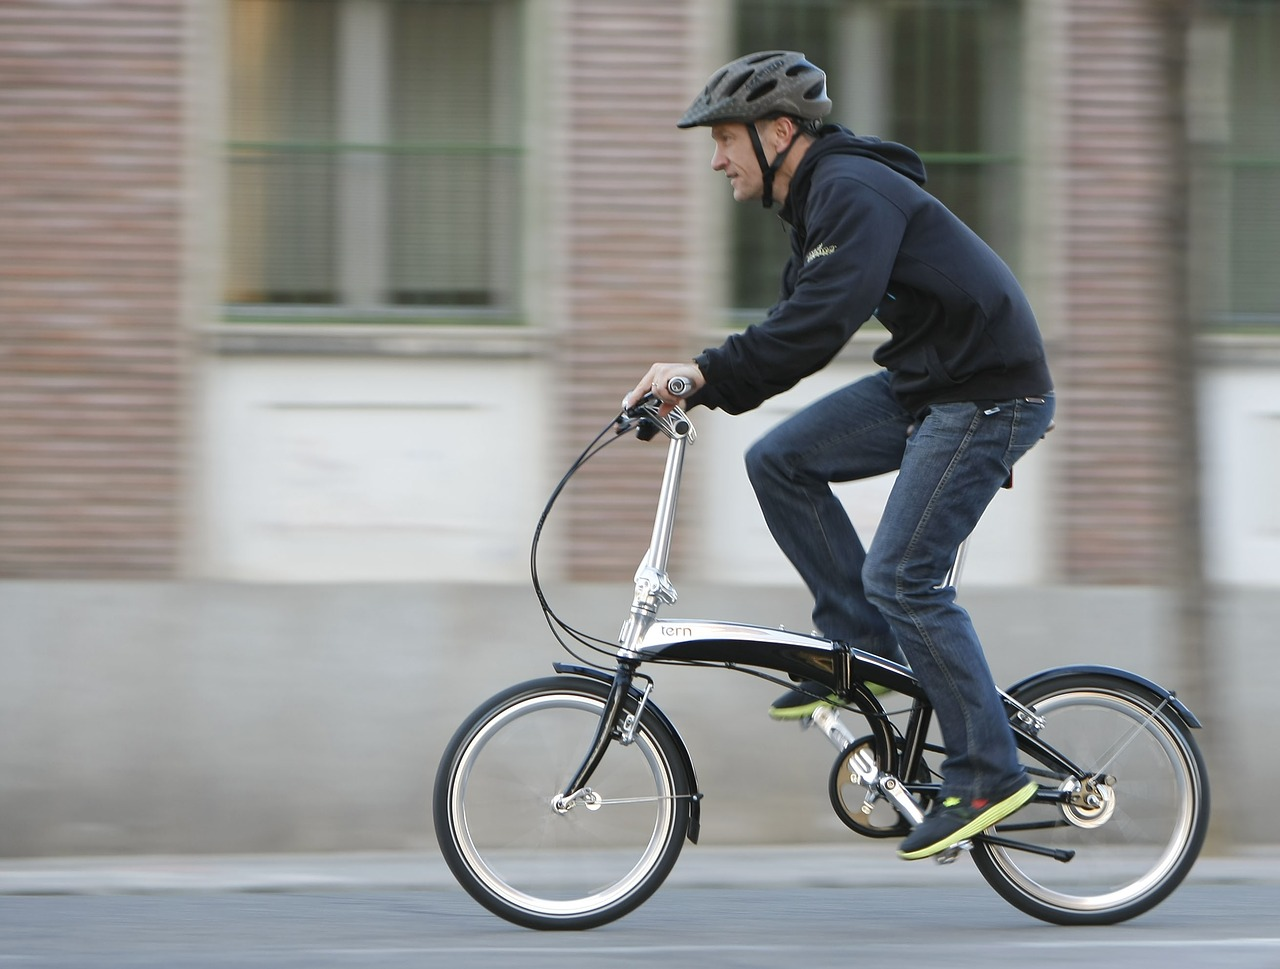 自転車通勤で寿命が延びる!?心疾患や癌の発症リスクが45%低下する論文を読んでみた!